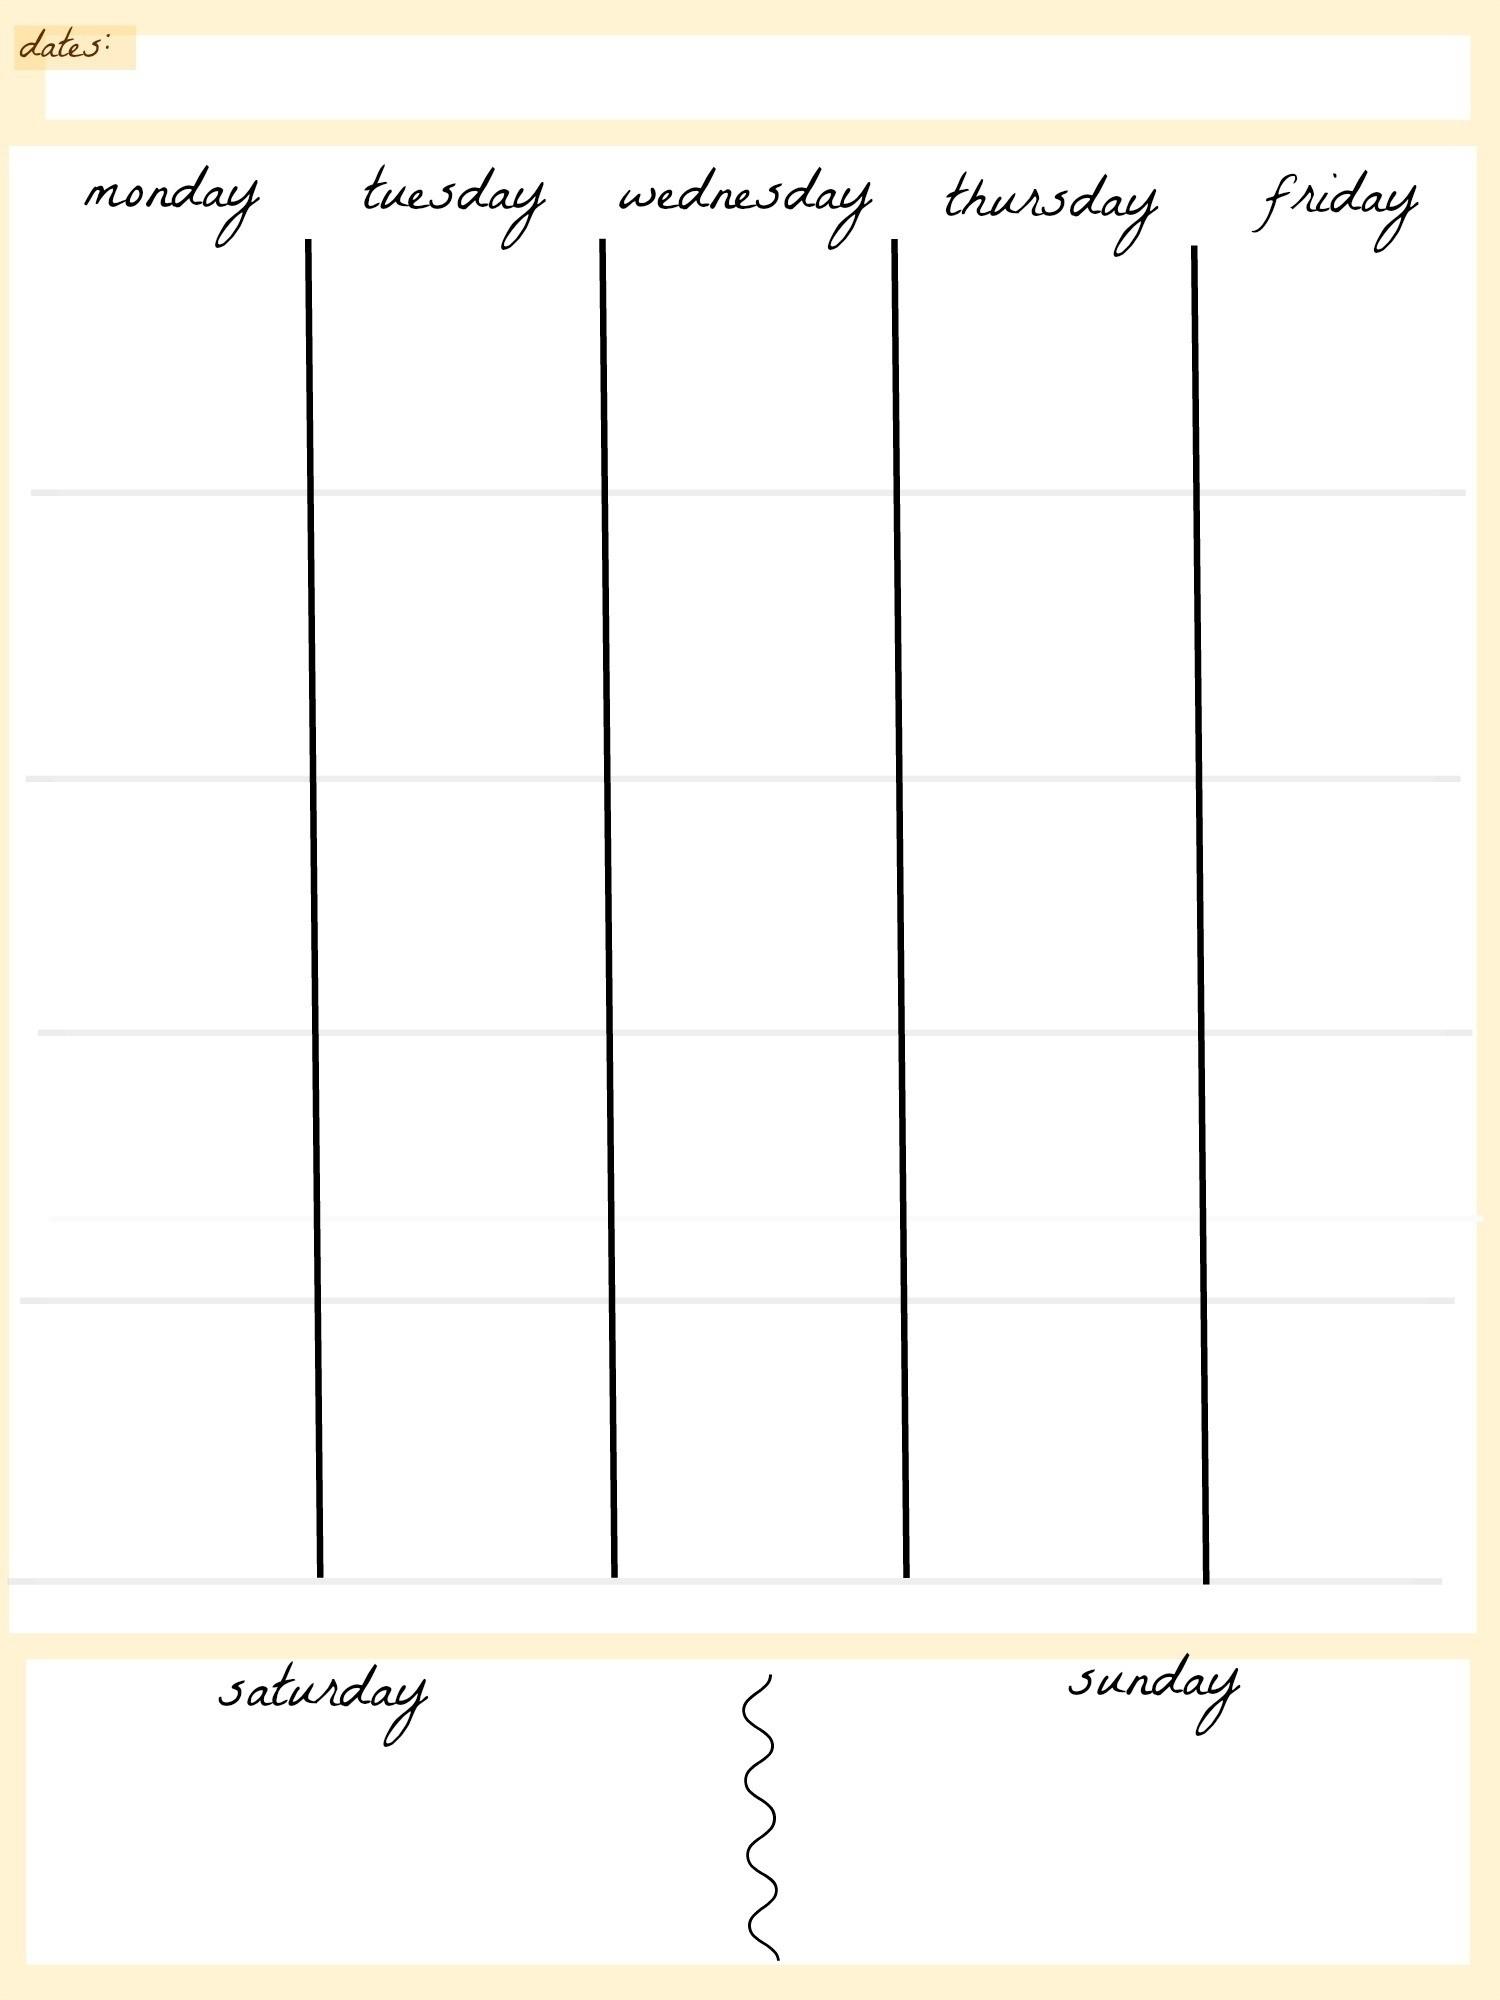 Impressive 5 Week Blank Calendar • Printable Blank Calendar Template inside 5 Day Week Blank Calendar Printable